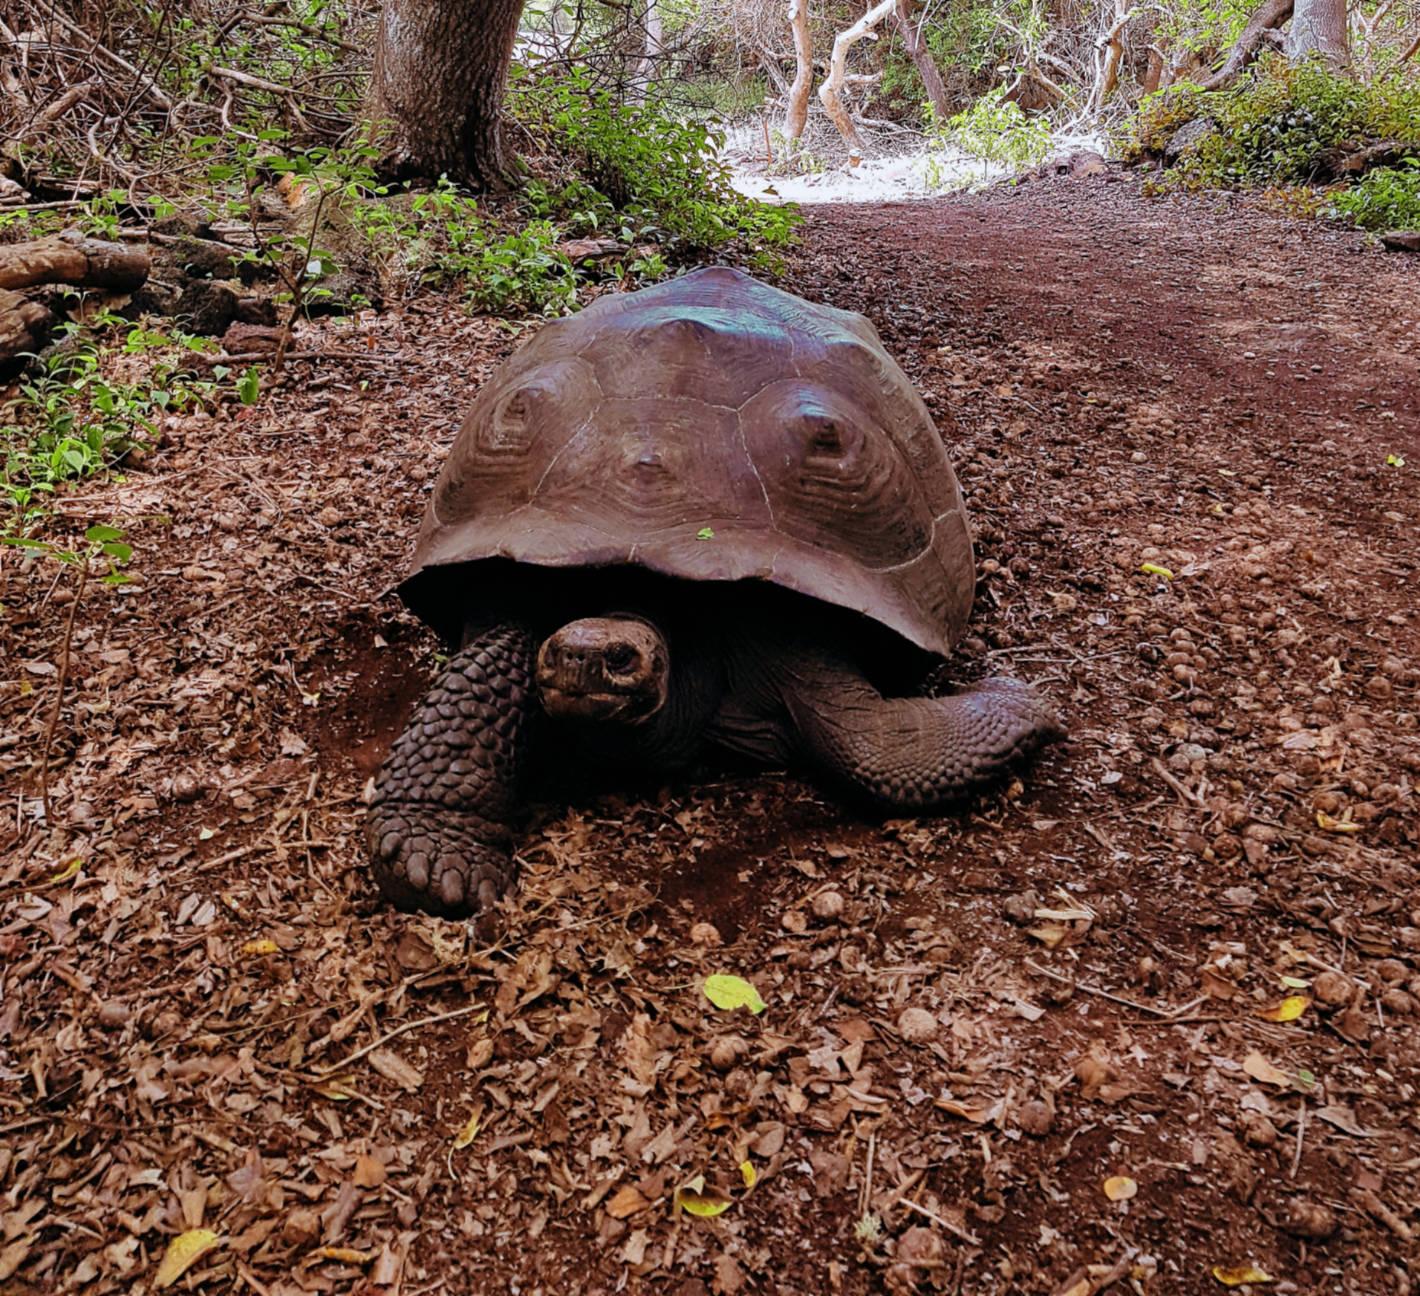 Jak tanio zwiedzić Wyspy Galapagos Darmowe atrakcje nawyspach (8)